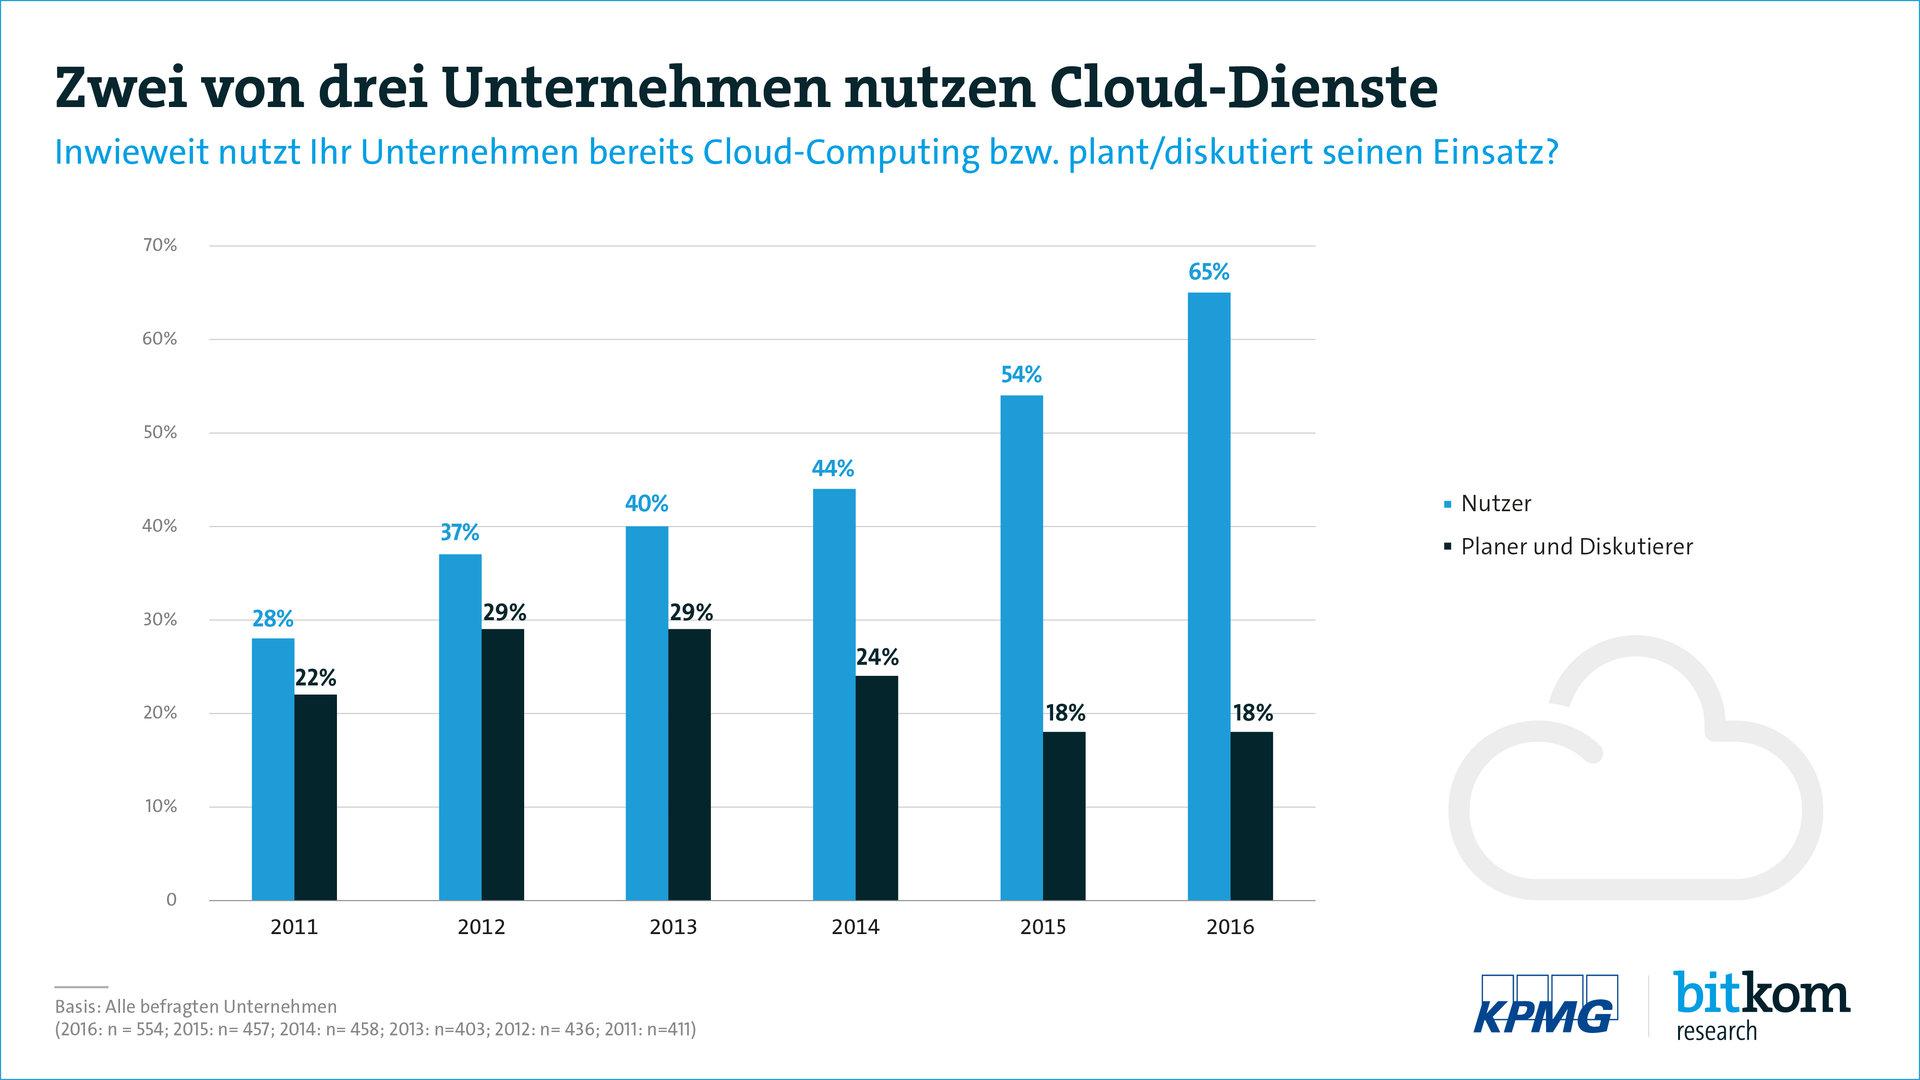 Cloud-Computing in Firmen